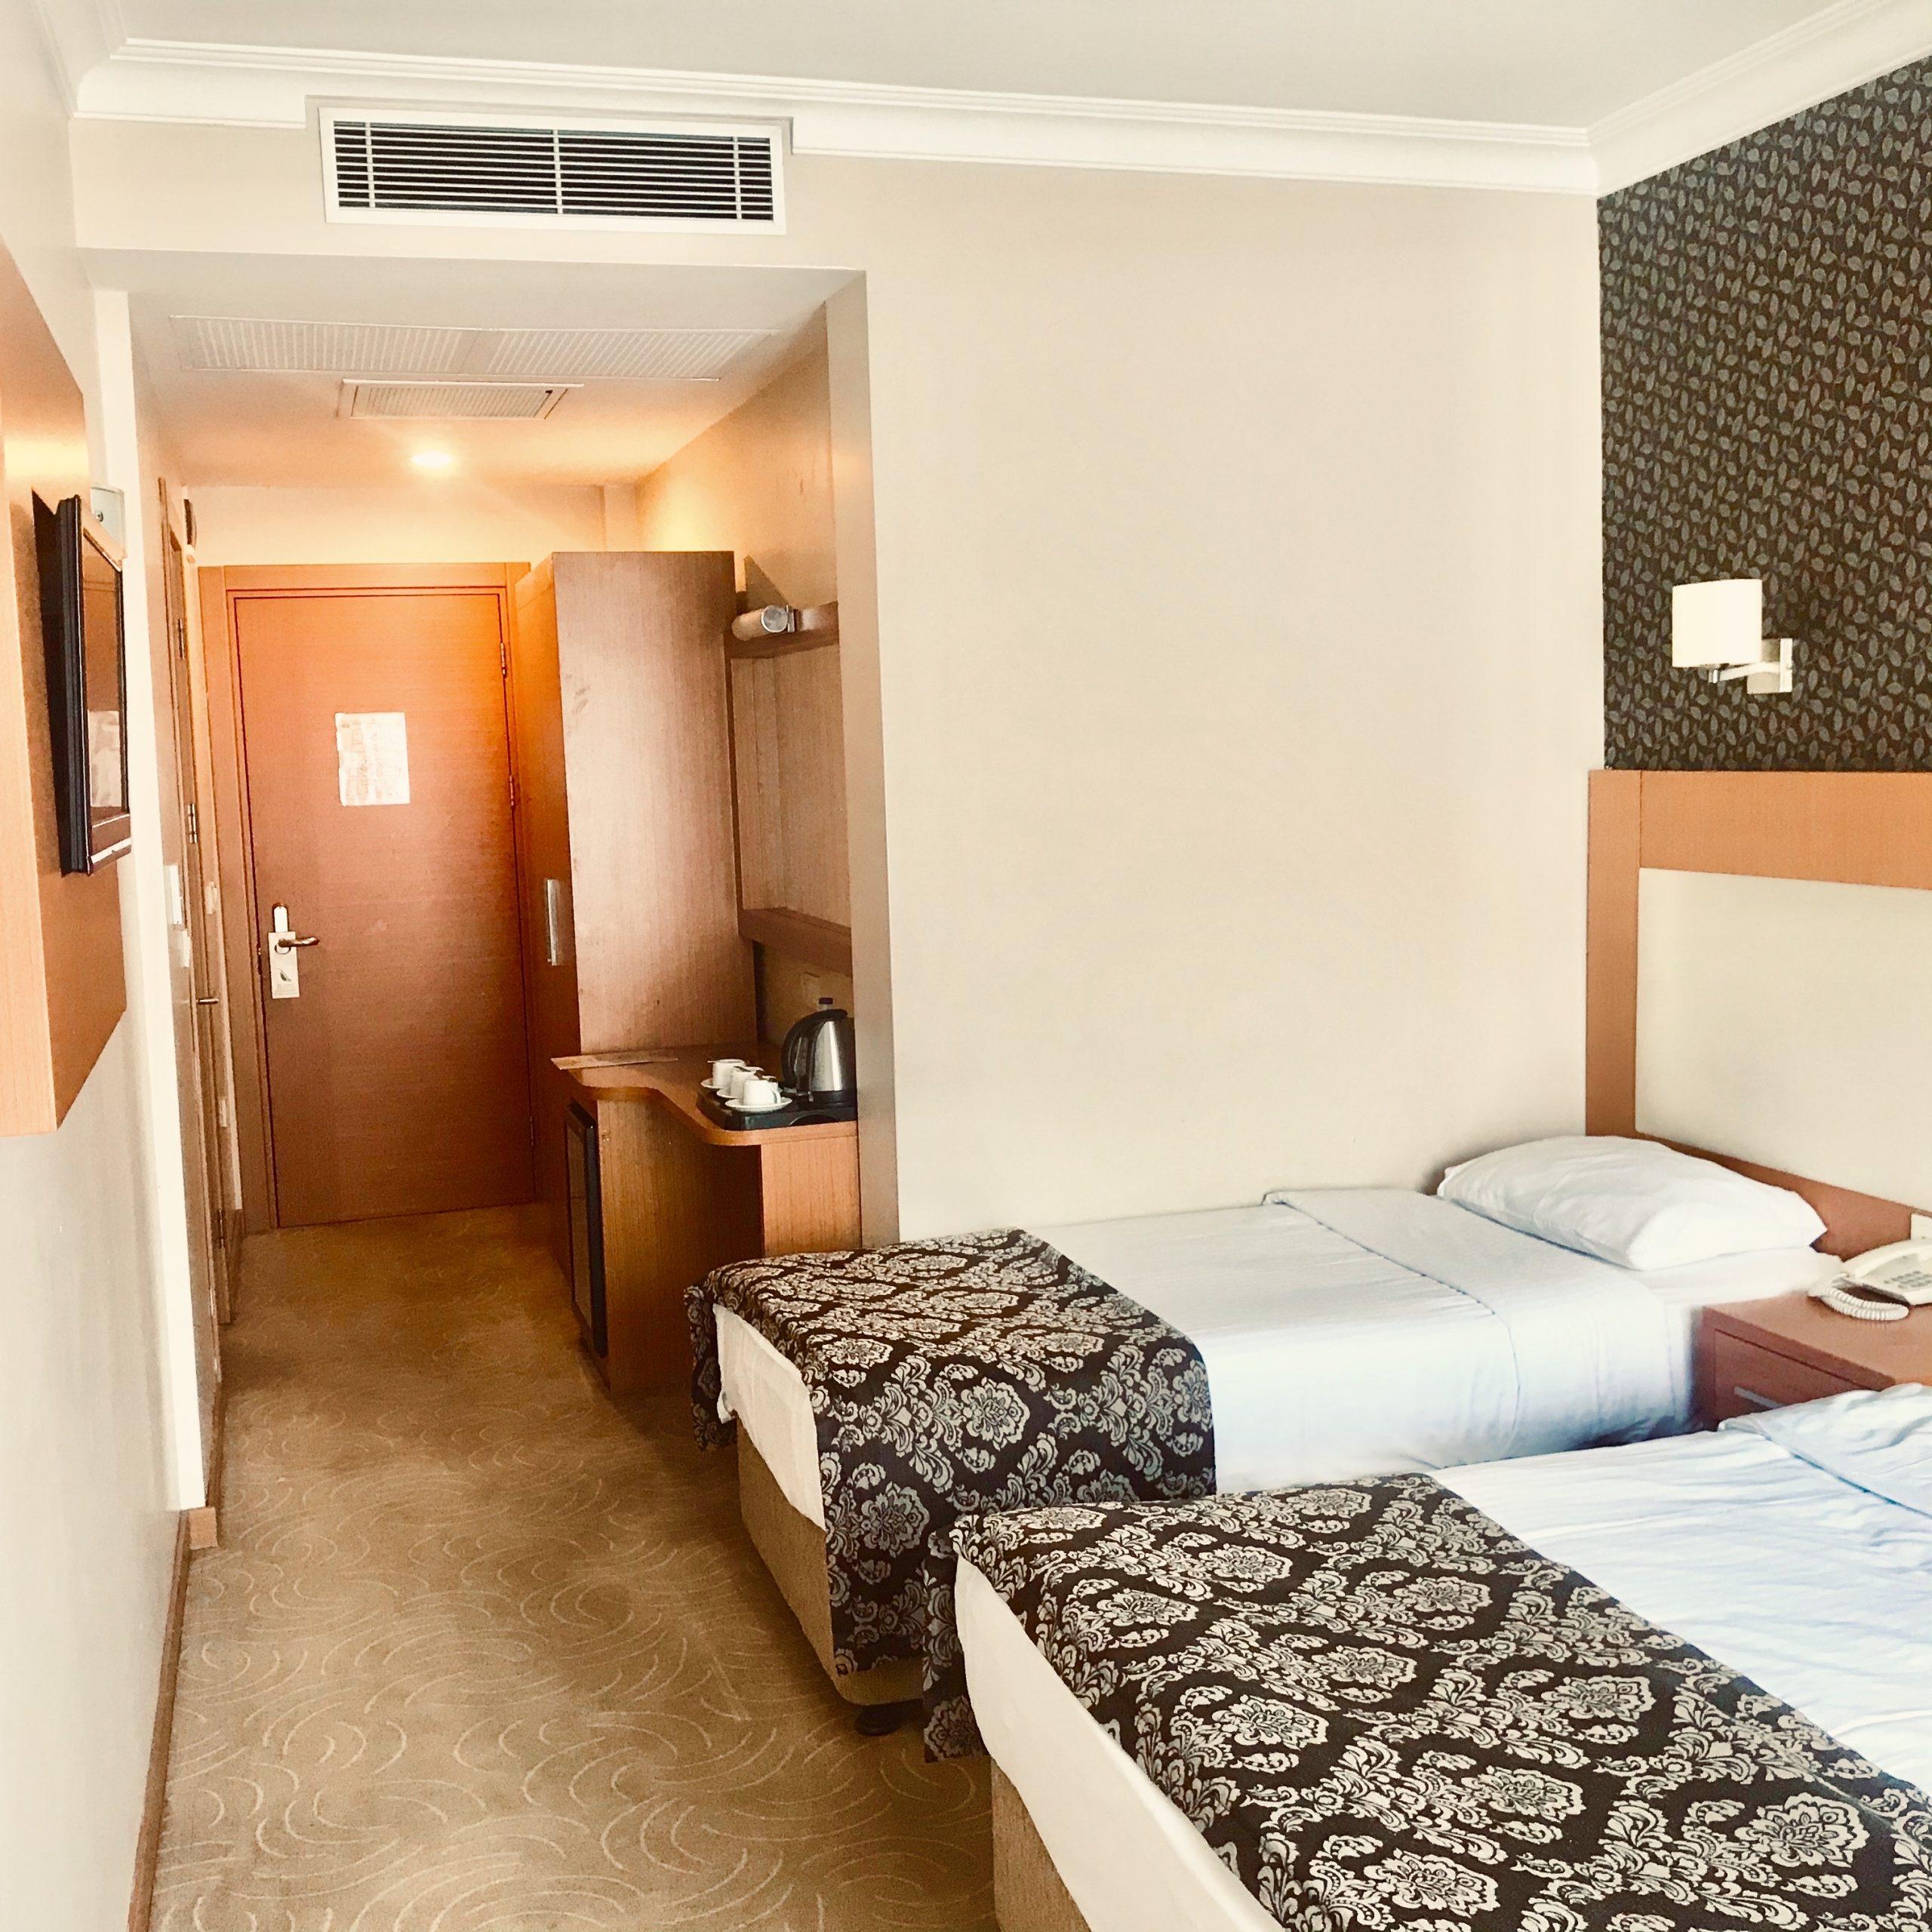 tuyap fuar merkezine yakın otel rezervasyonu icin oda